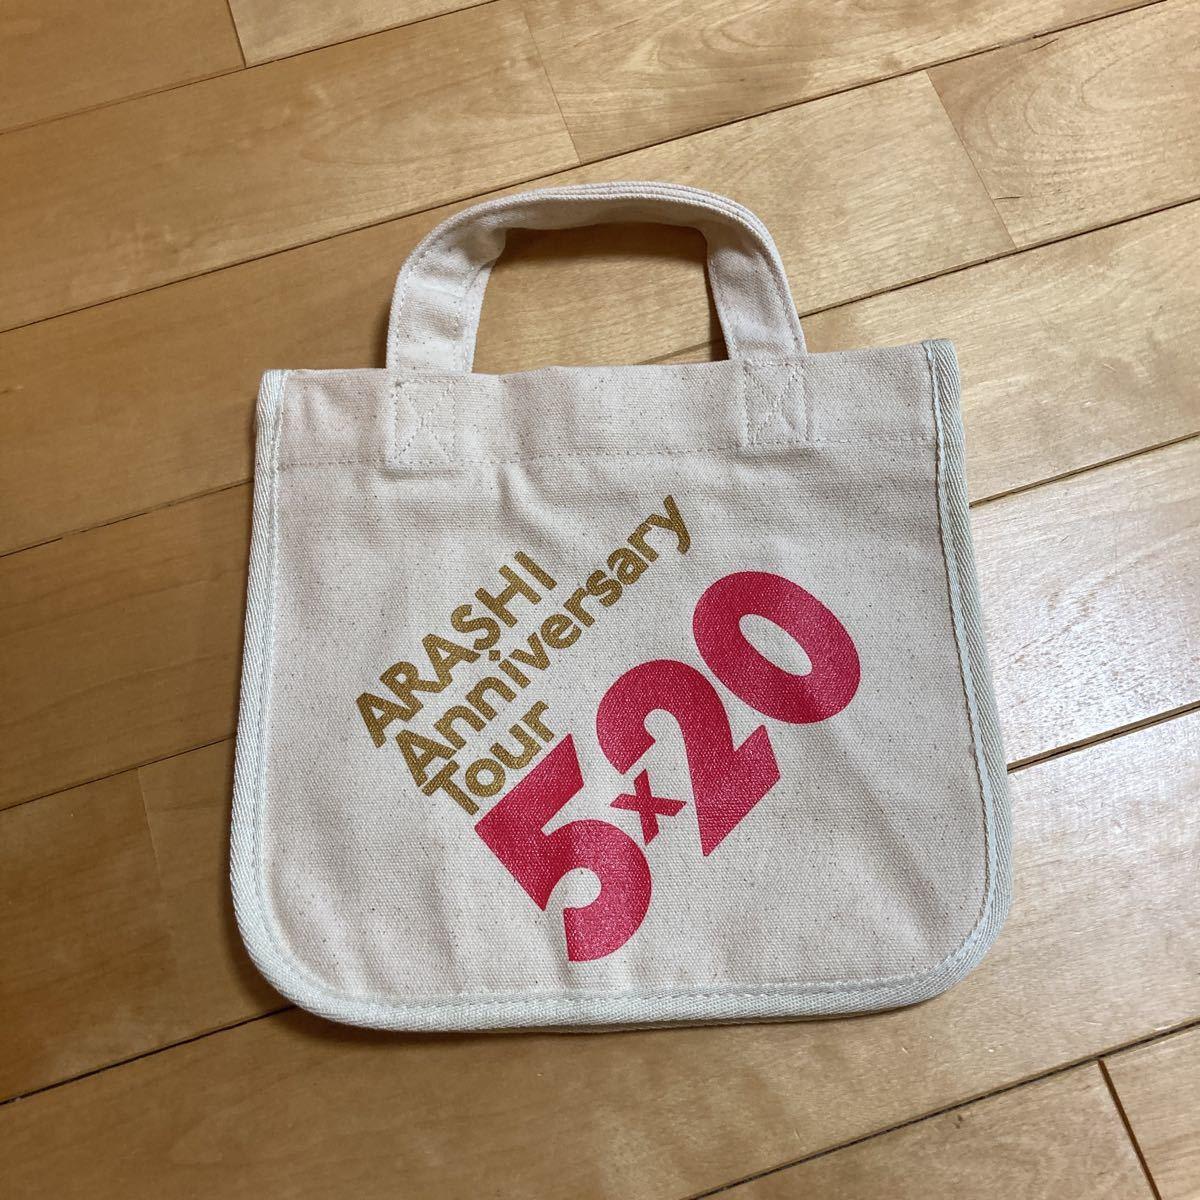 嵐ARASHI Anniversary TOUR ミニトートバッグ